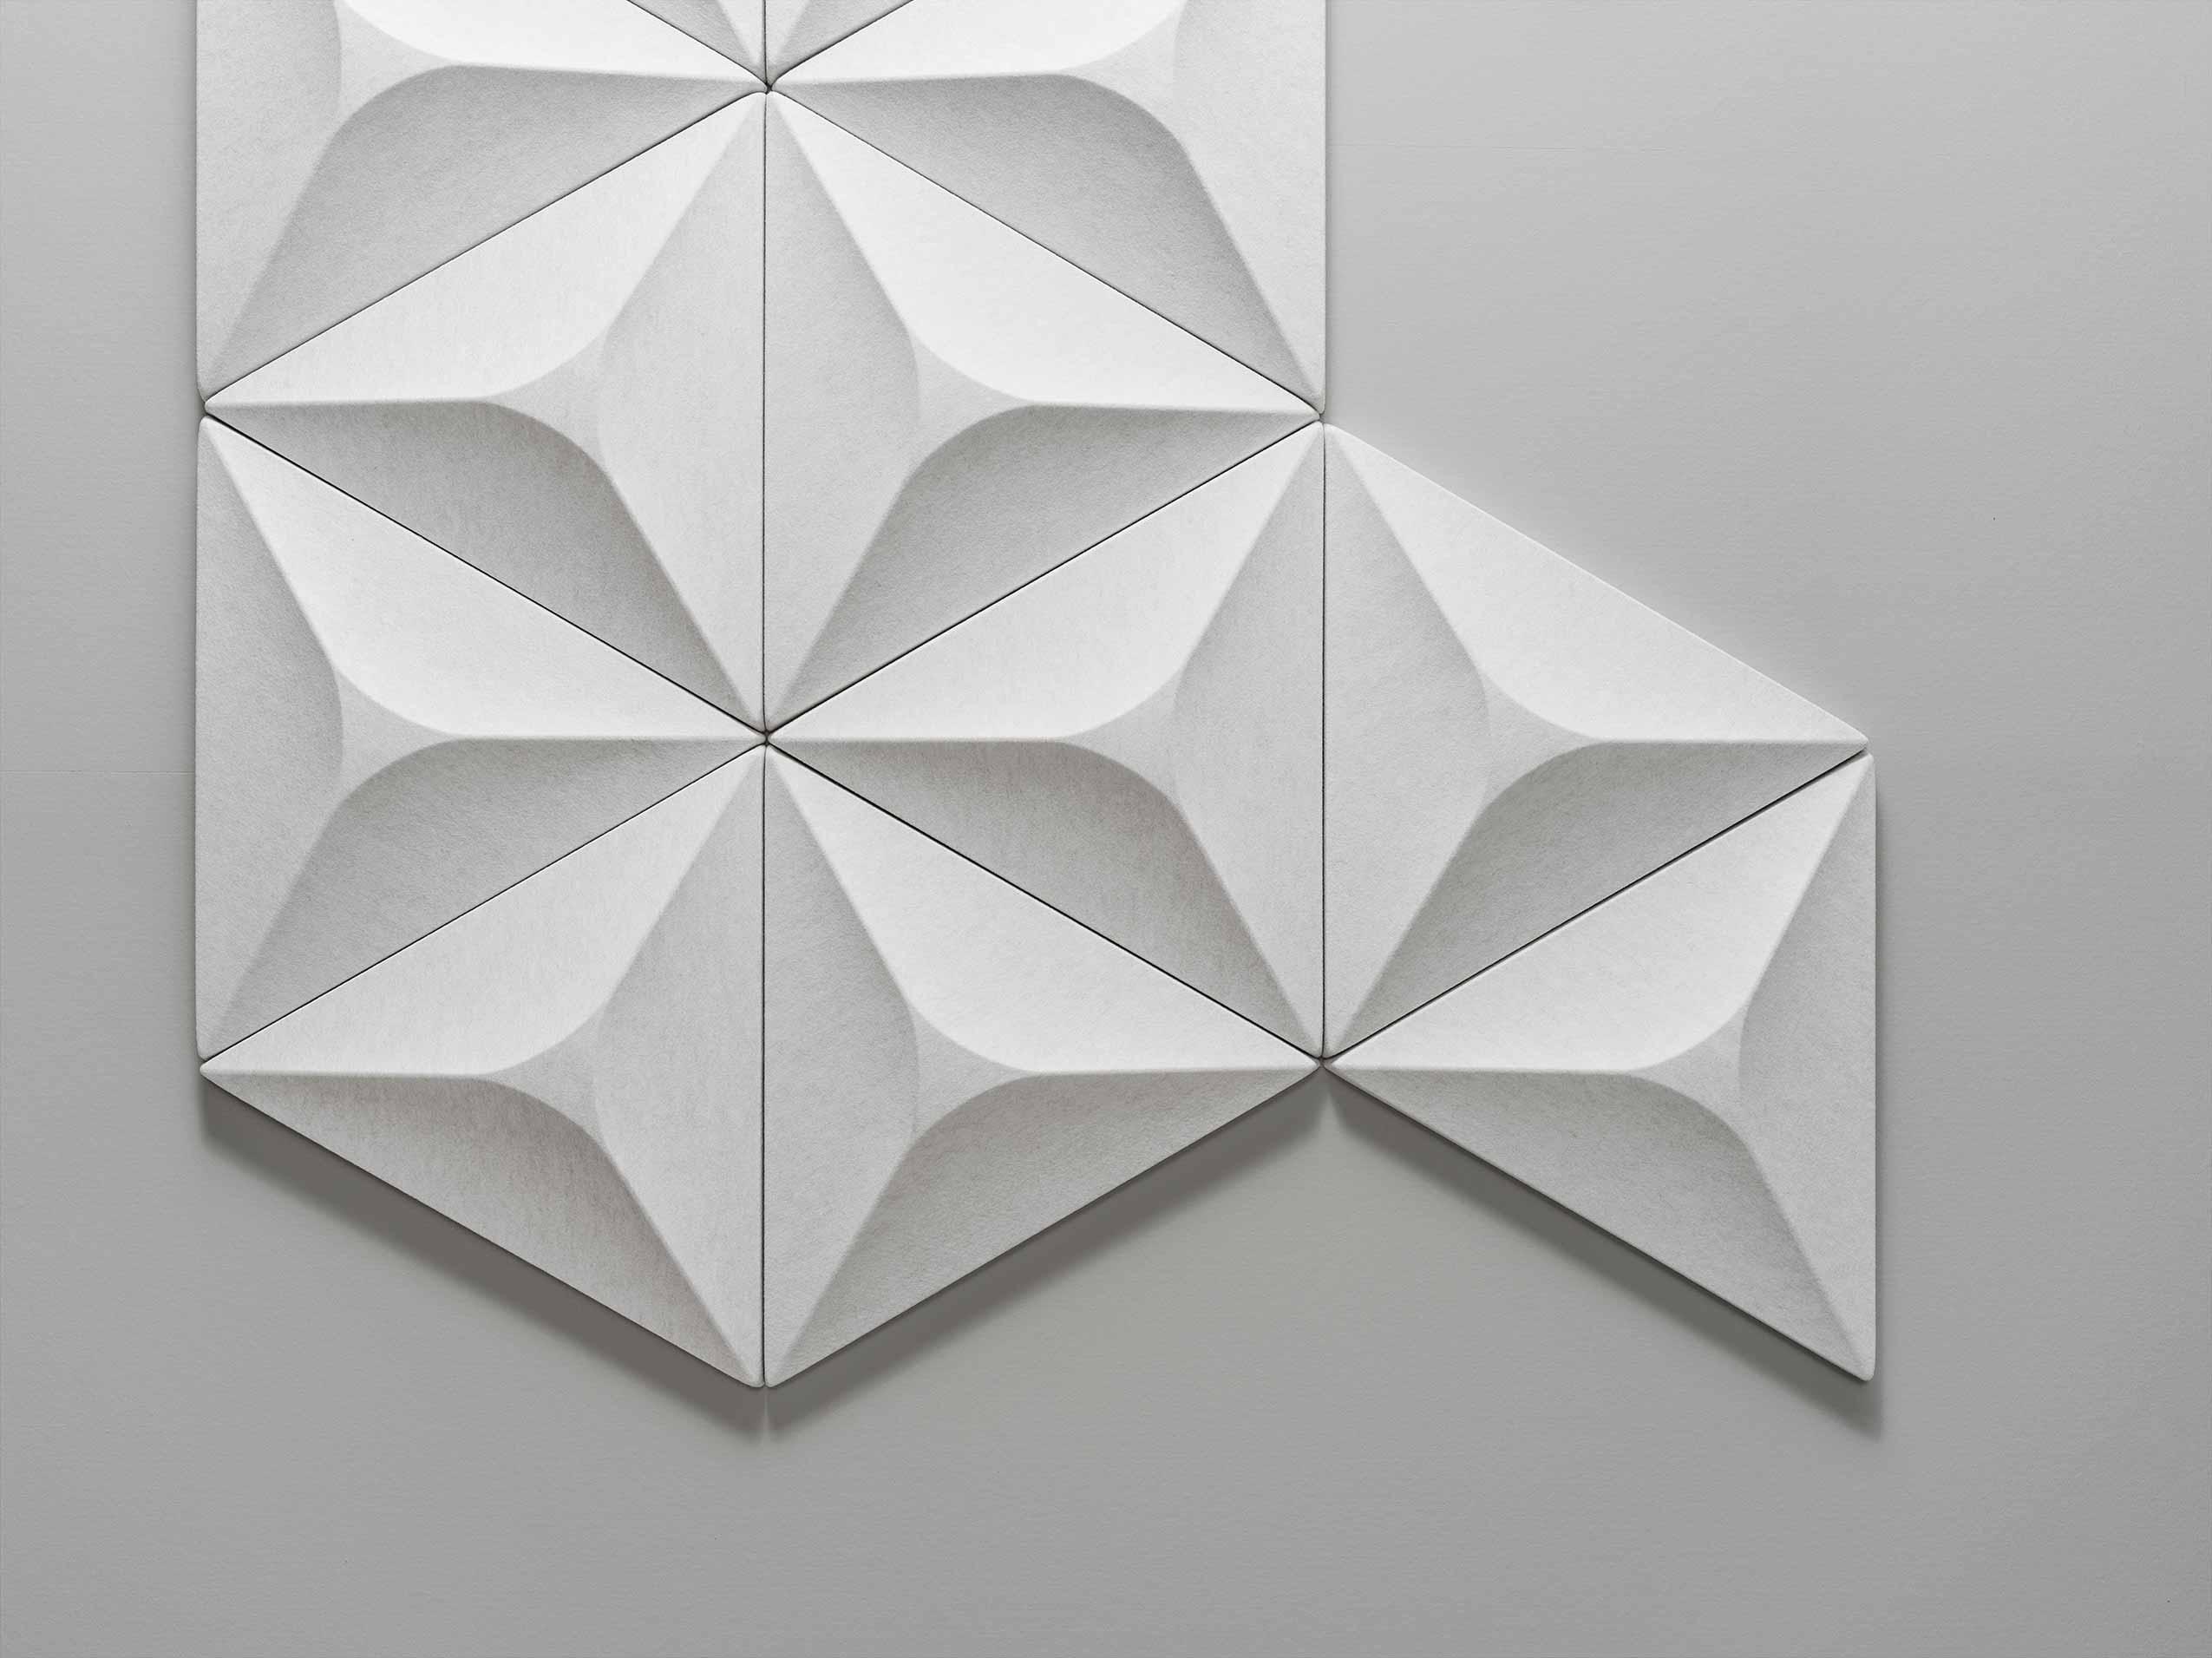 Jasmine-Panel--Acoustics-Layla-Mehdi-Pour-Offecct-Photo-Bjorn-Ceder-06_resize